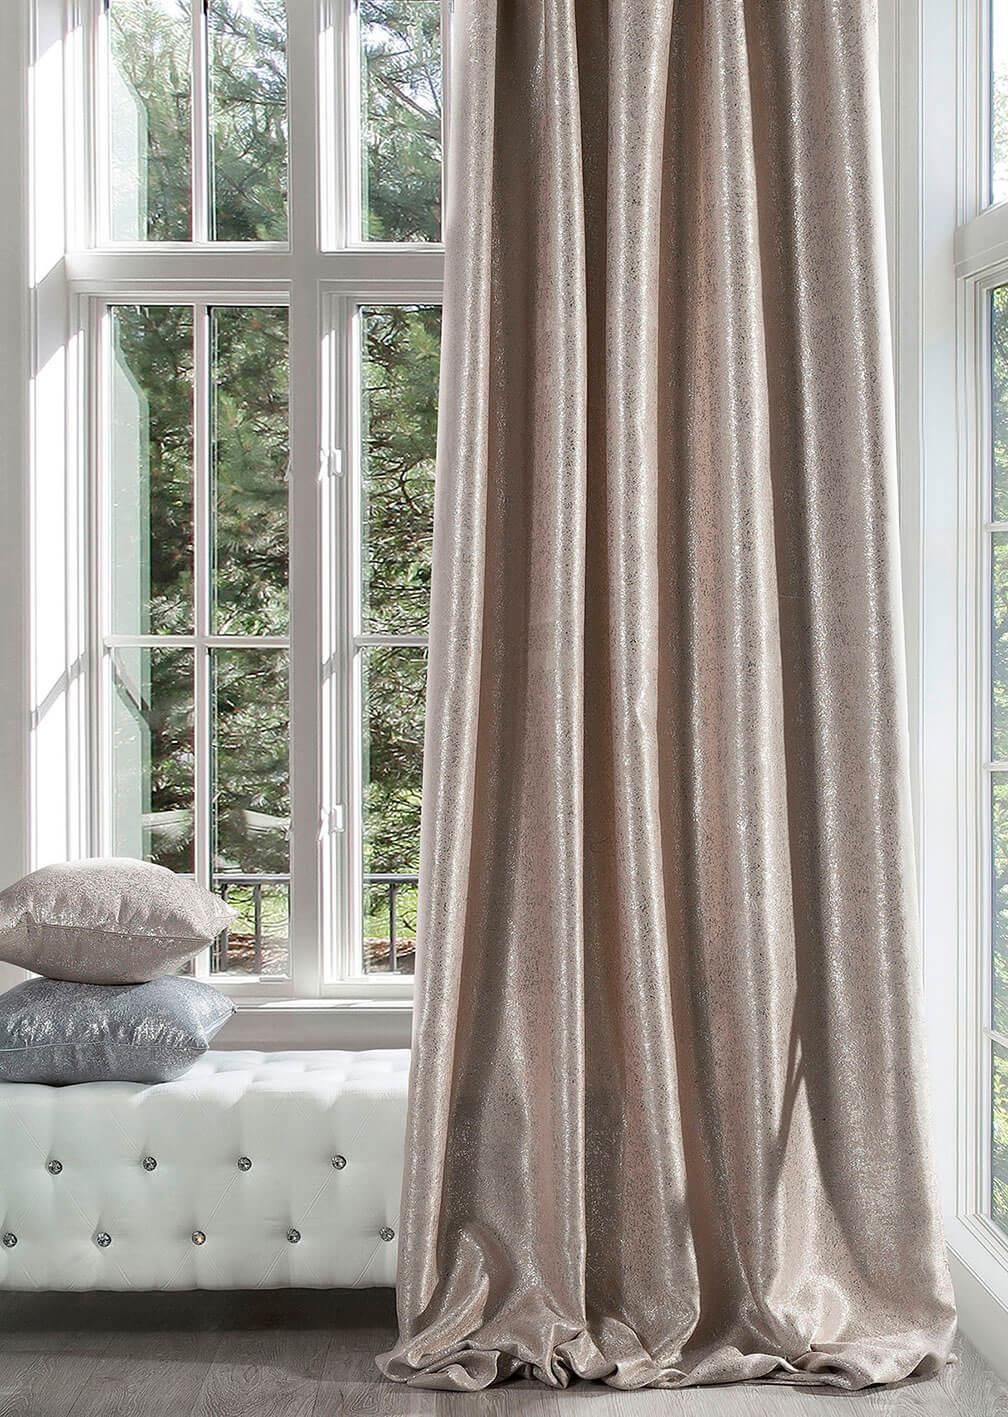 Красивые шторы с легким блеском добавляют элегантности